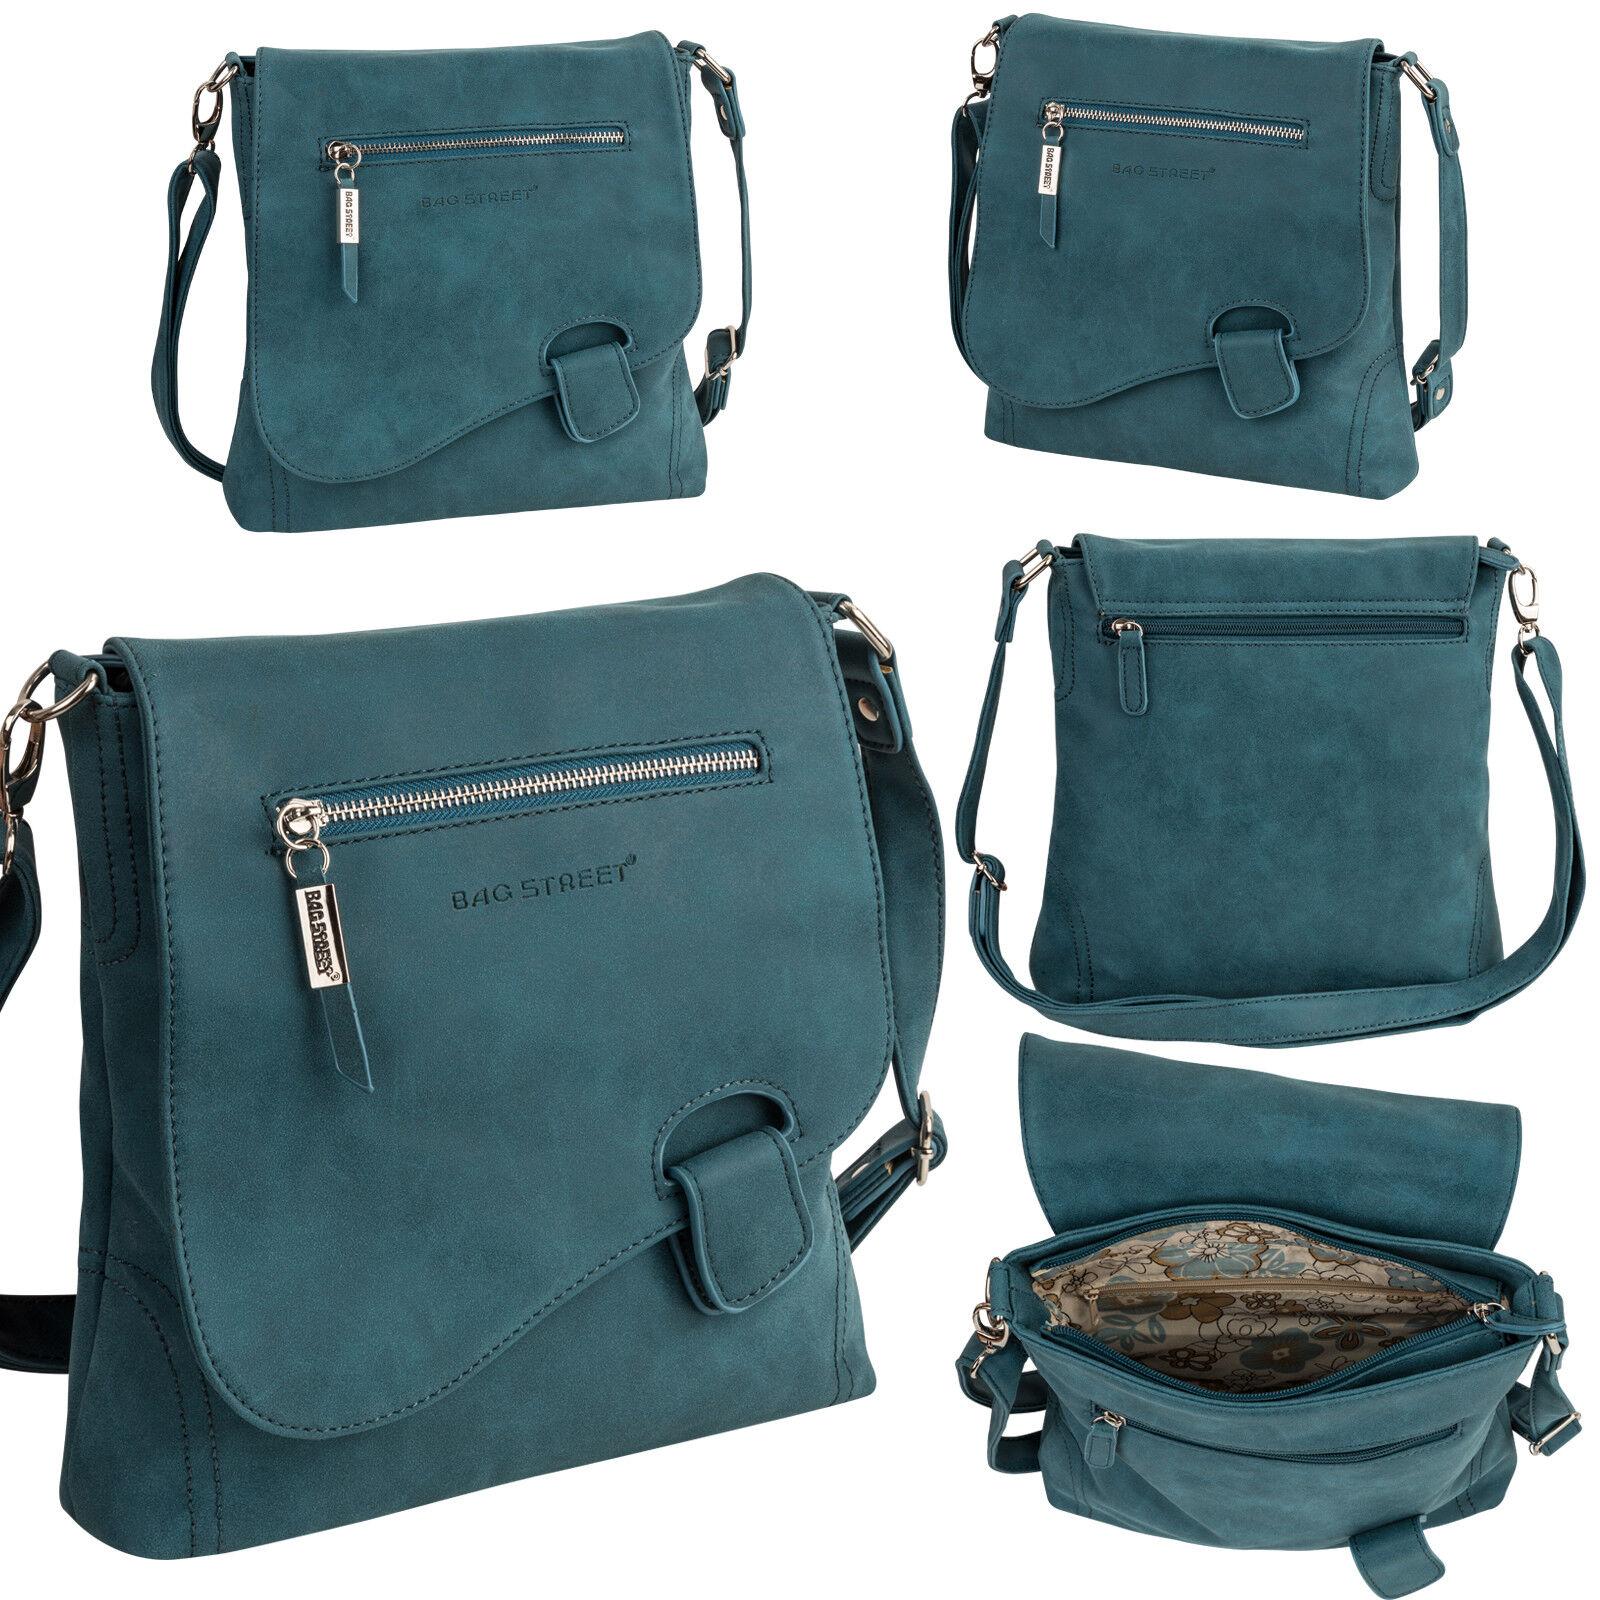 Bag Street Damentasche Umhängetasche Handtasche Schultertasche K2 T0104 Blau